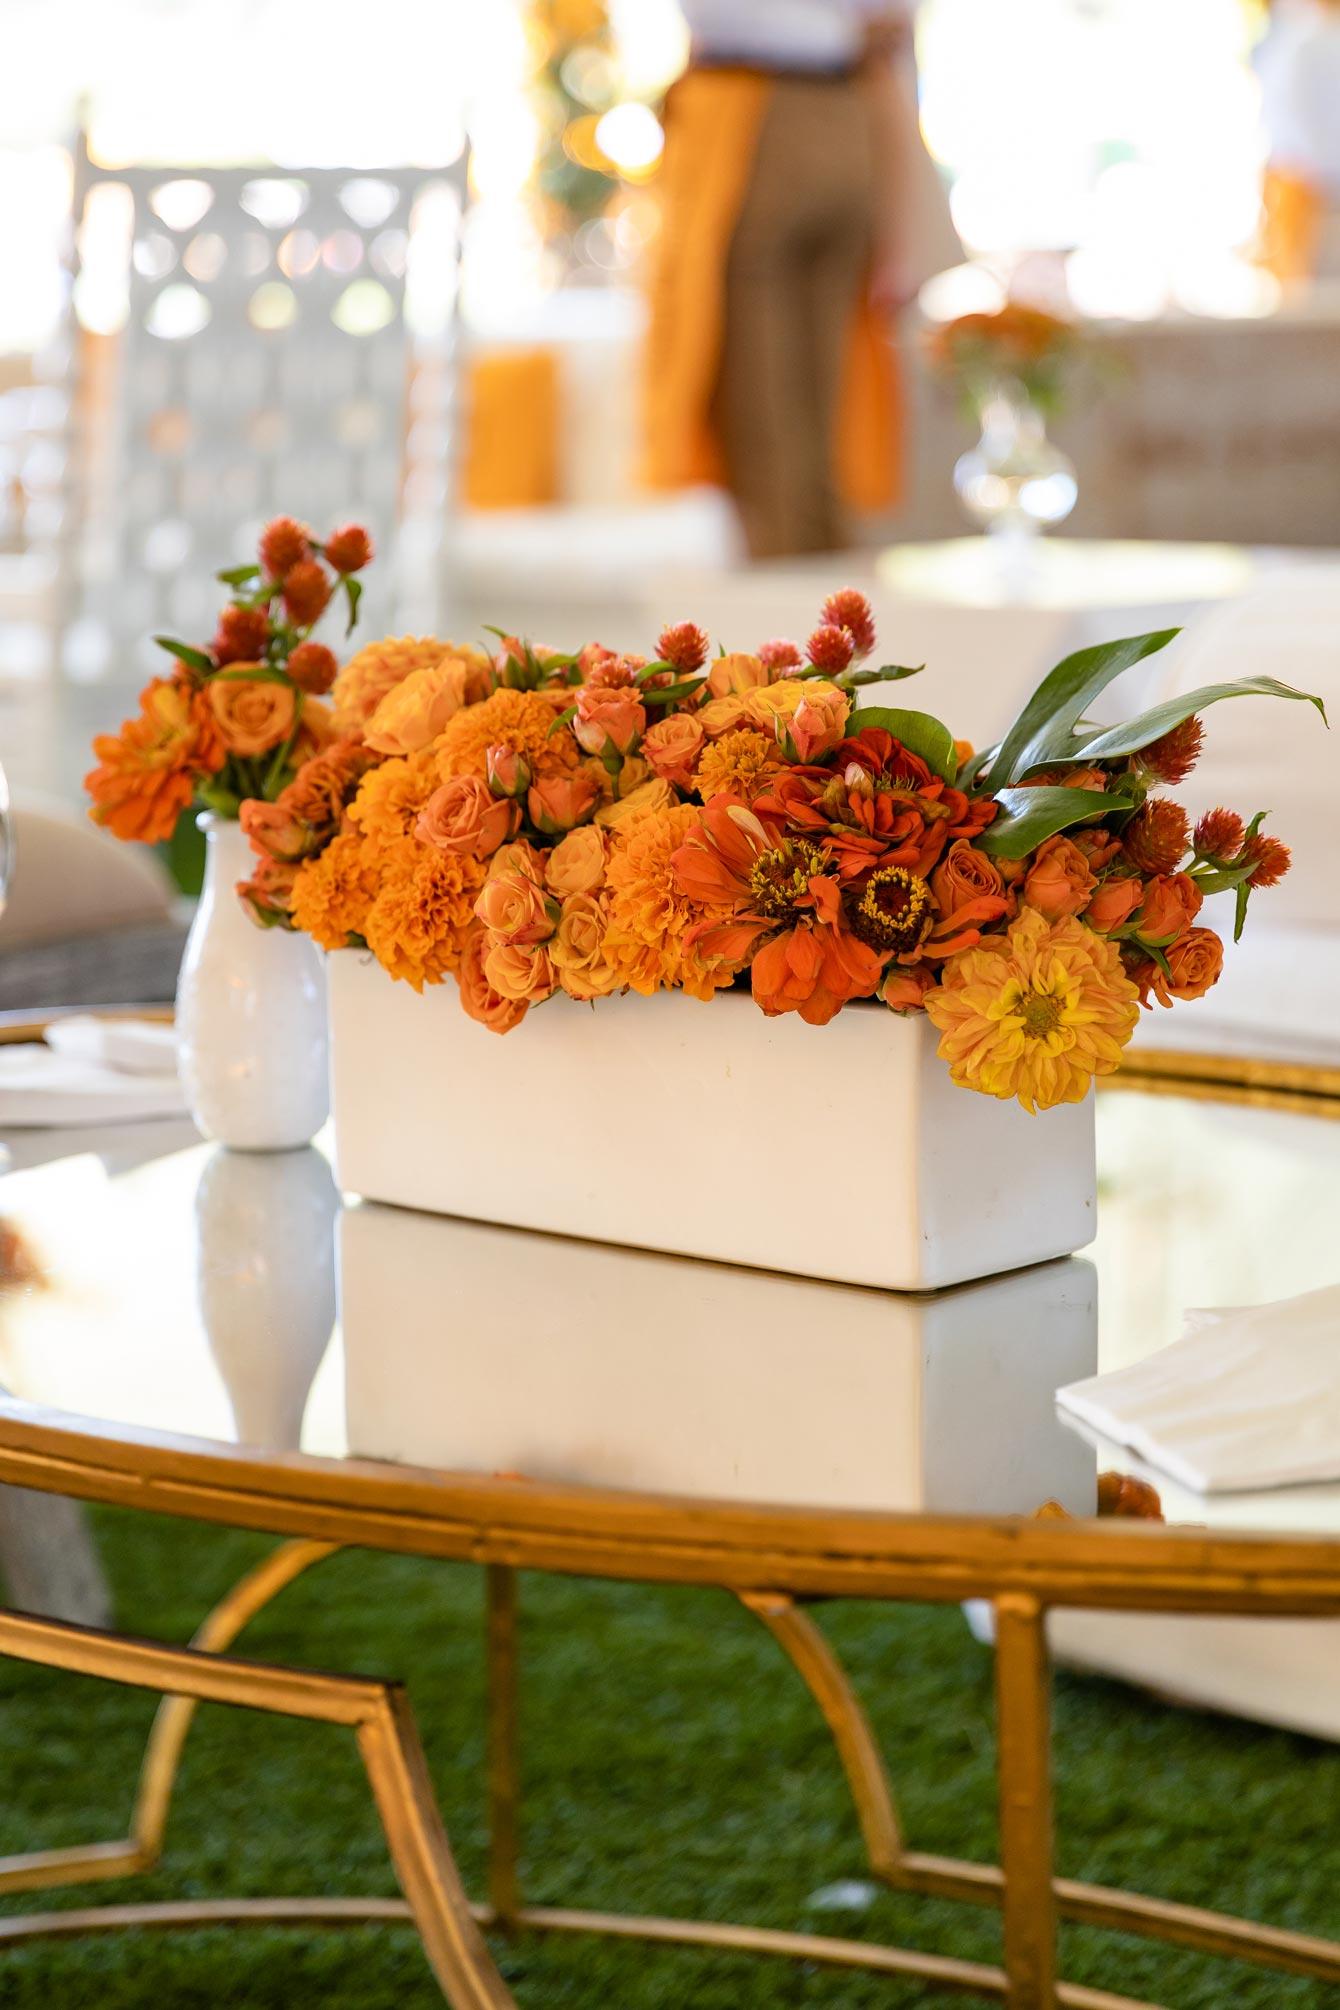 Veuve Clicquot Floral Attangements